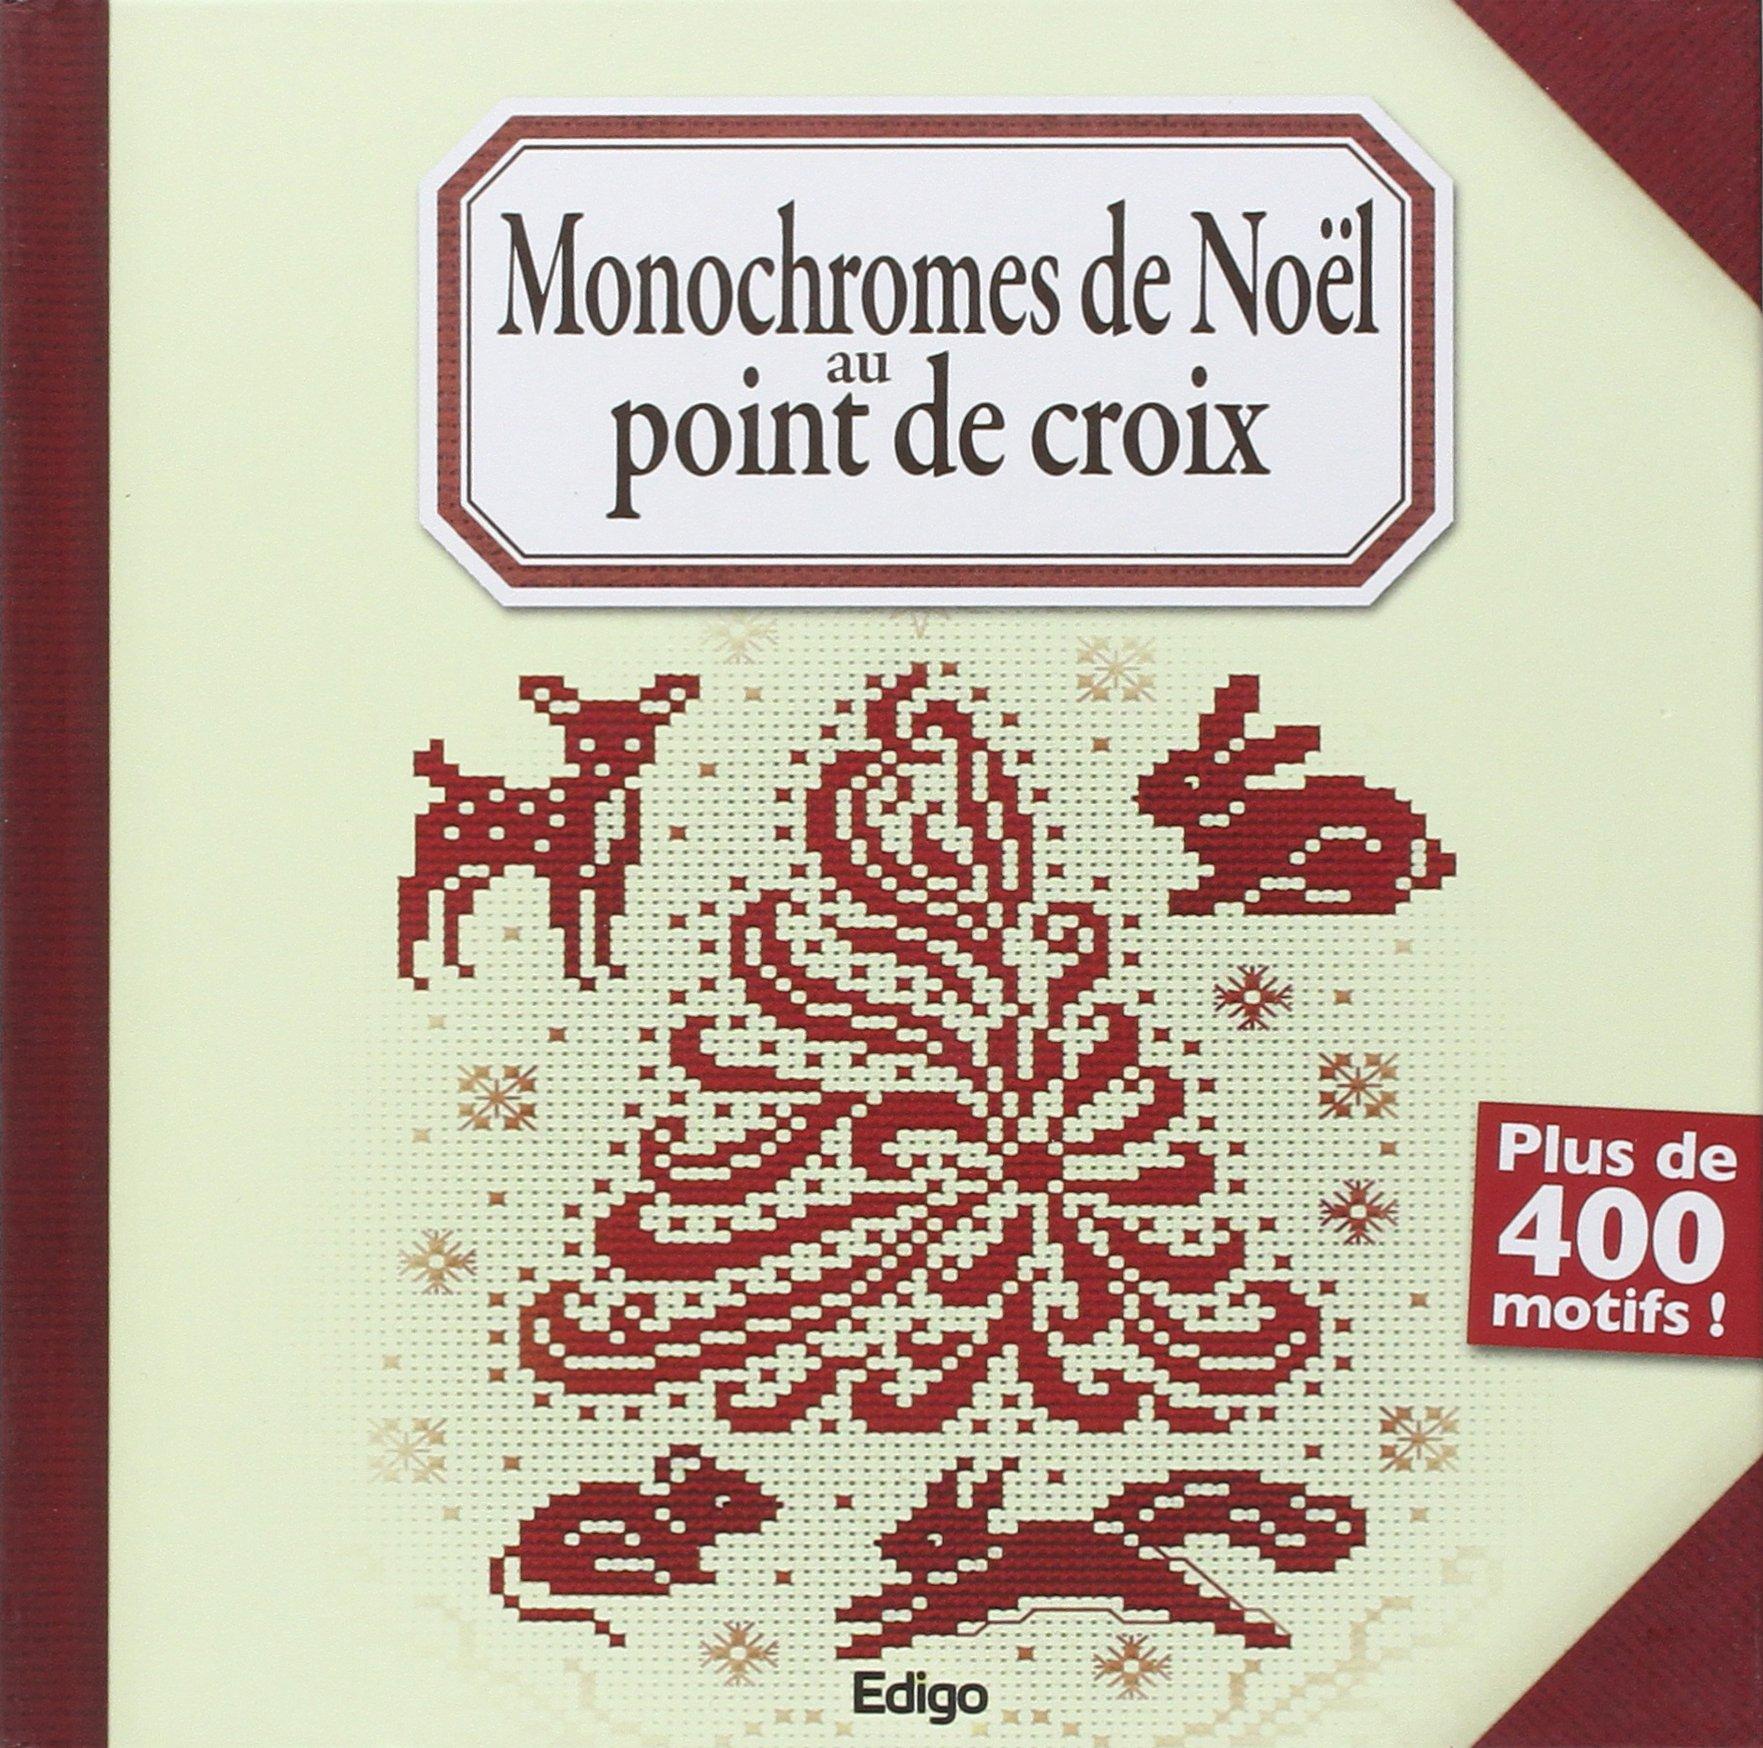 Monochromes de Noël au point de croix. Plus de 400 motifs !